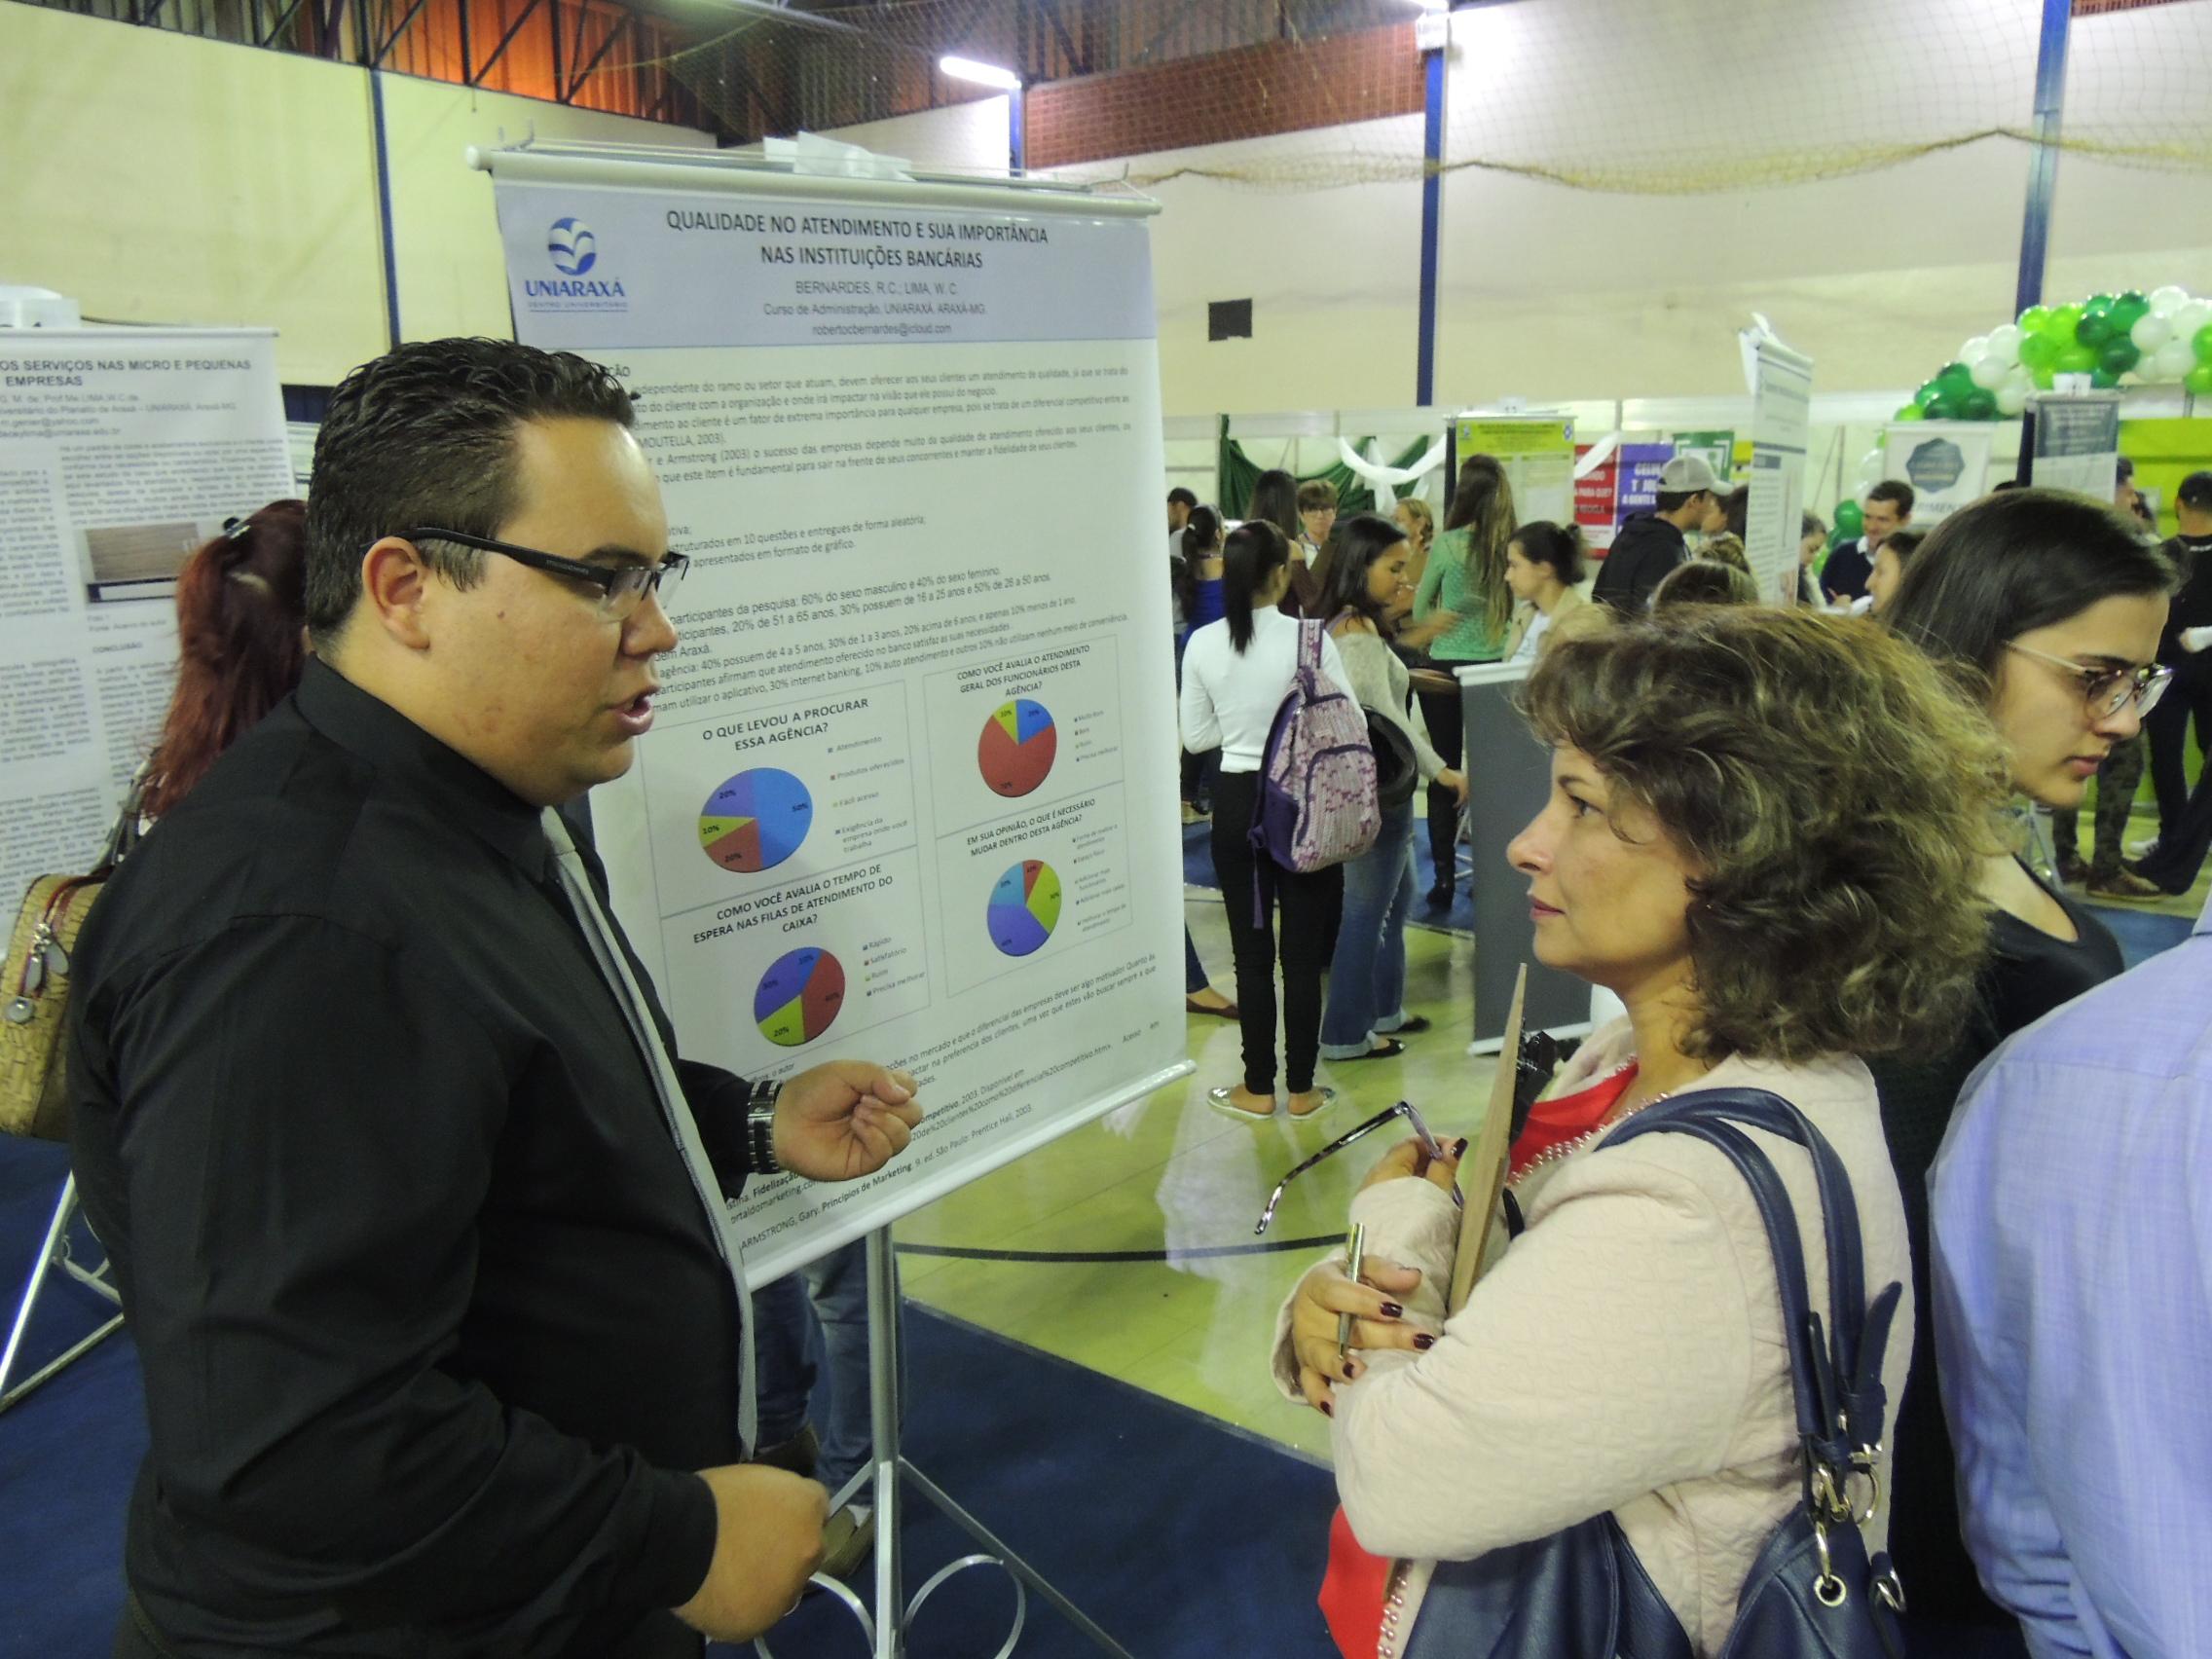 UNIARAXÁ promove Semana de Ciência e Tecnologia e outorga Comenda ao professor João Rios